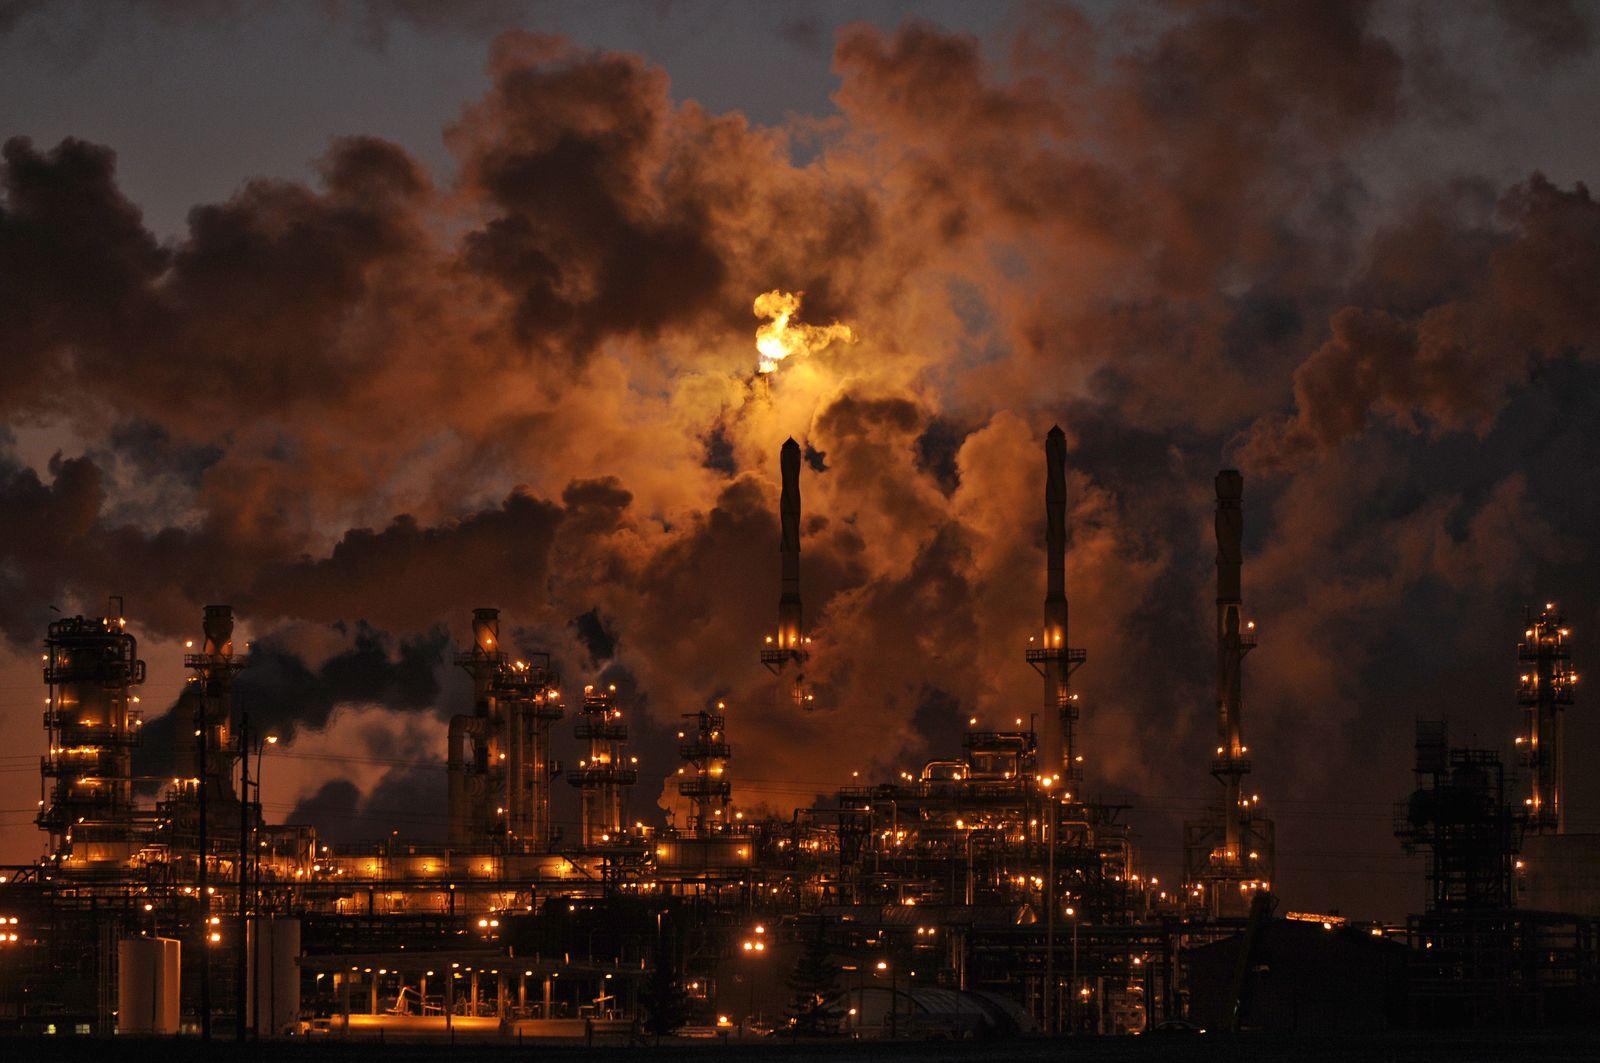 Kanada / Emissionen / Umwelt / Raffinerie